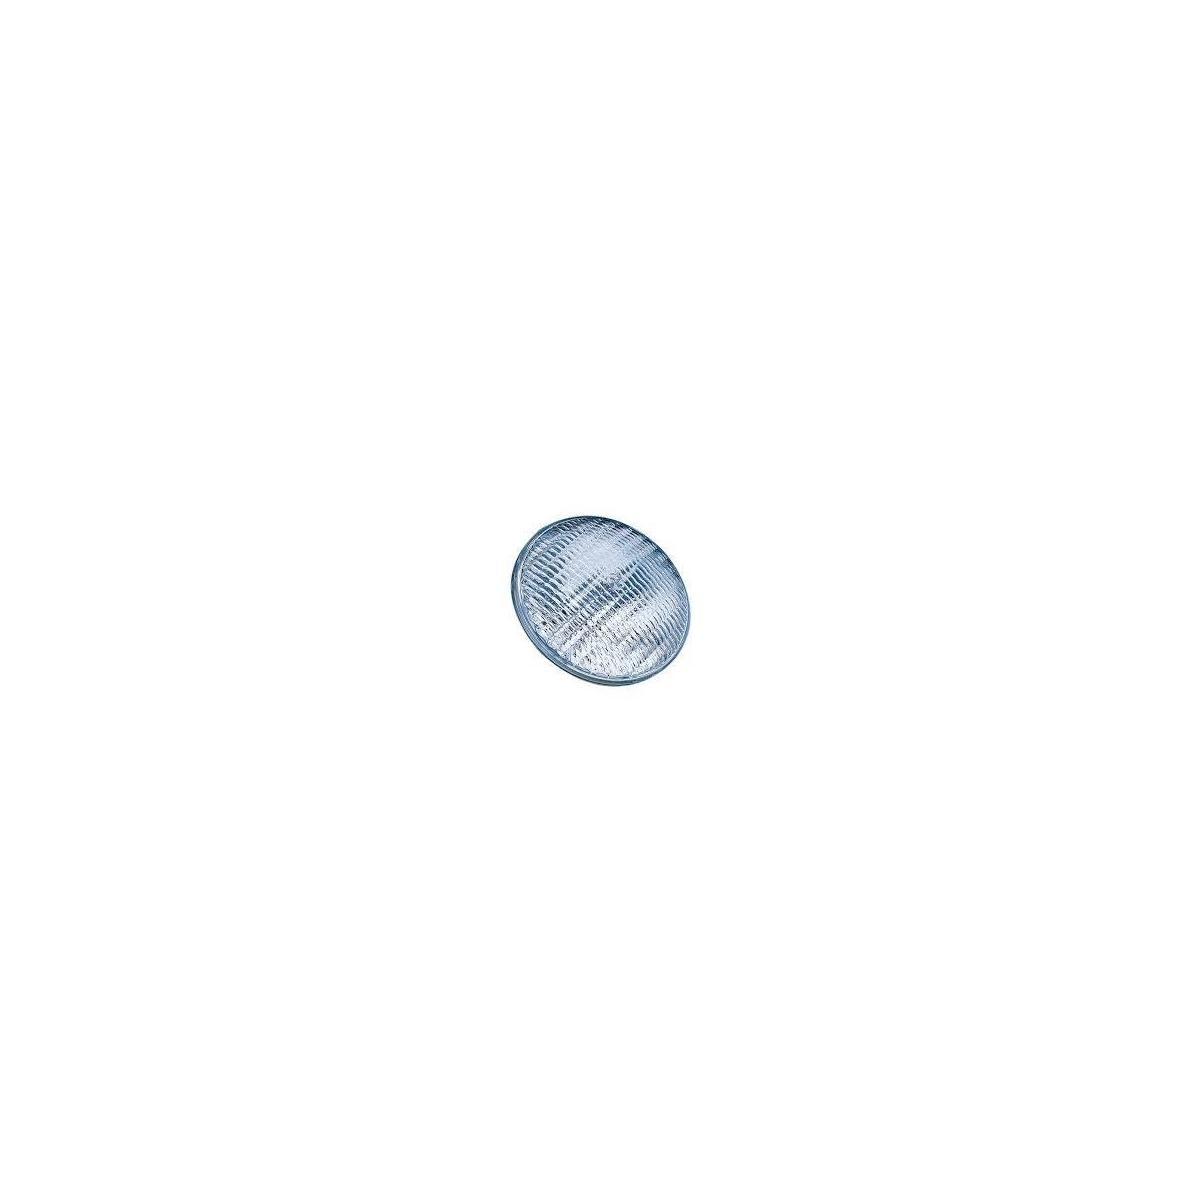 Lampara halogena PAR 56 300 W 12 V